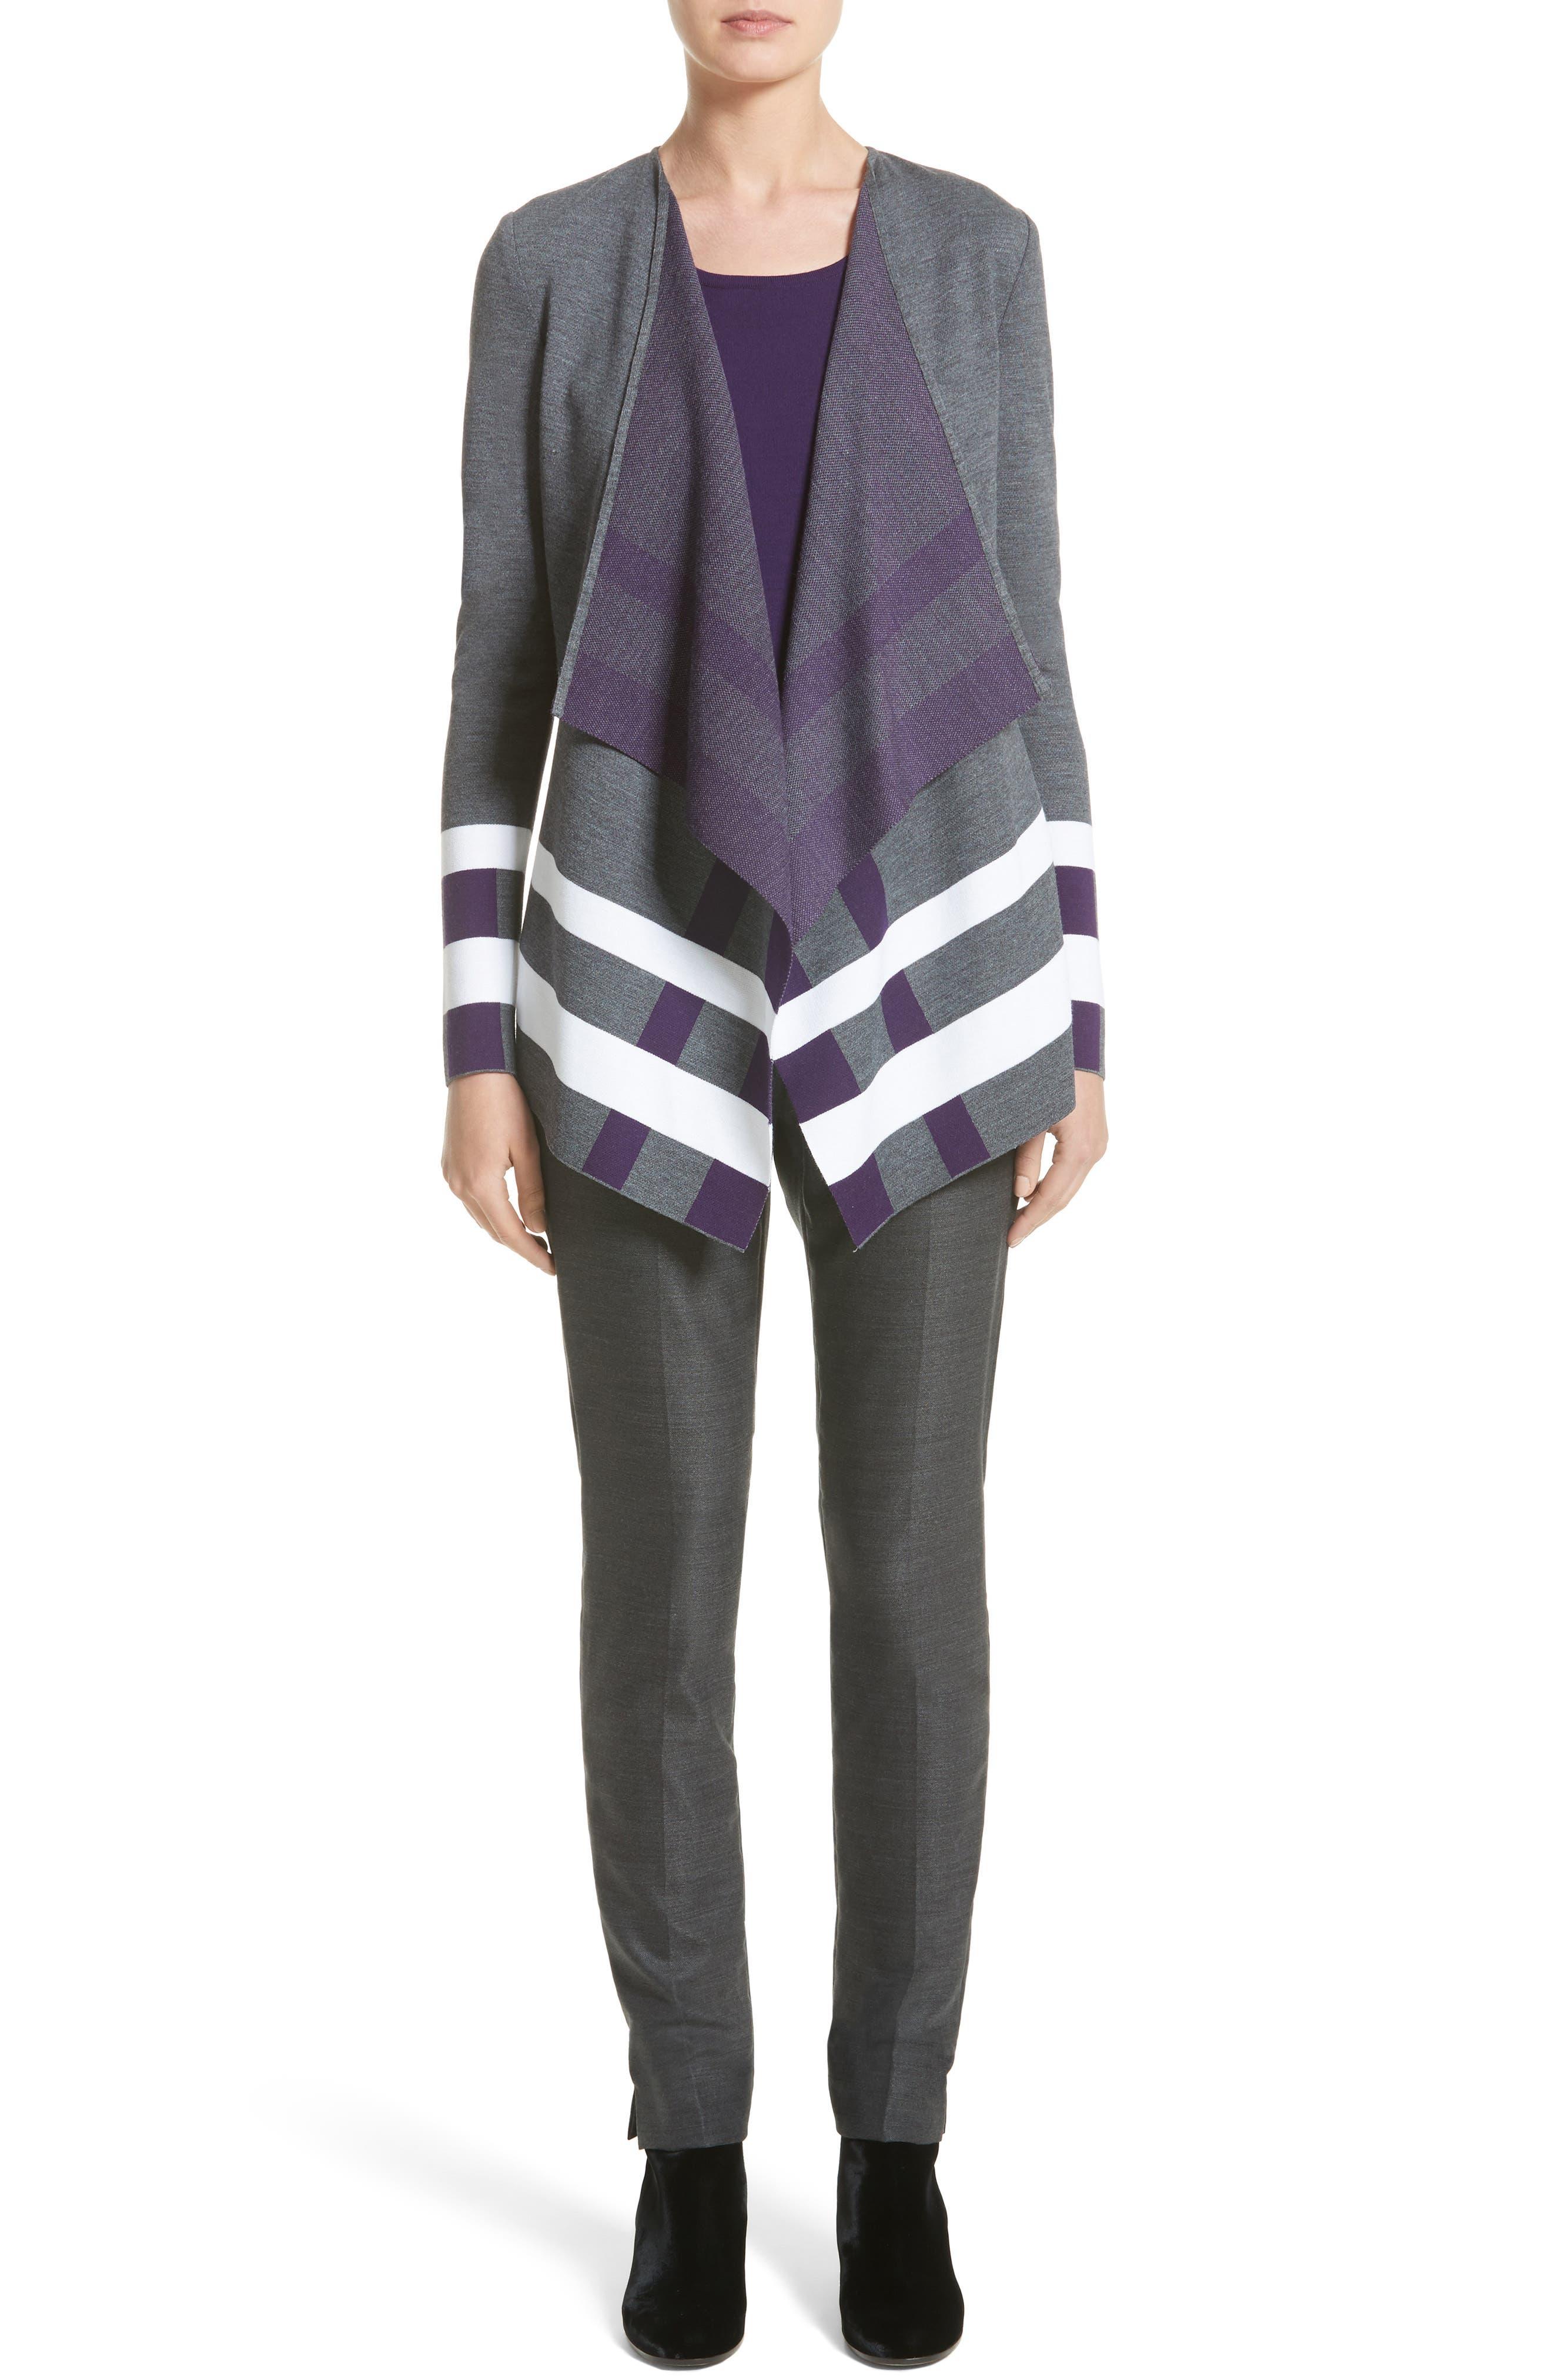 Milano Knit Jacquard Drape Front Jacket,                             Alternate thumbnail 8, color,                             Flint Multi